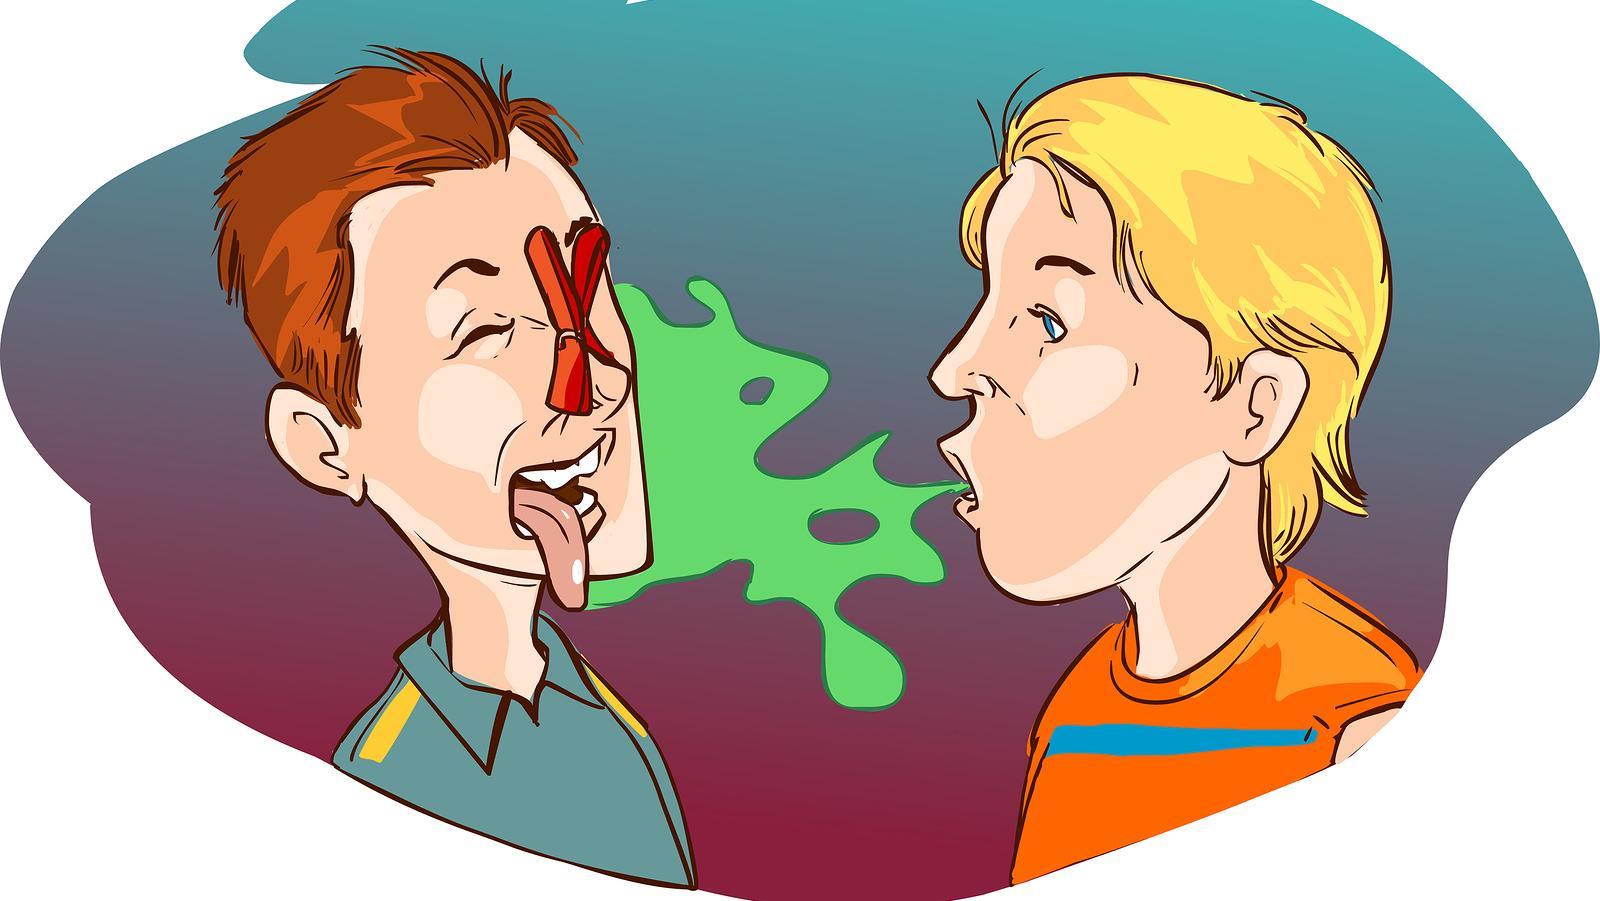 Súlyos betegség tünete lehet a rossz lehelet - Rossz lehelet csomók a torokban